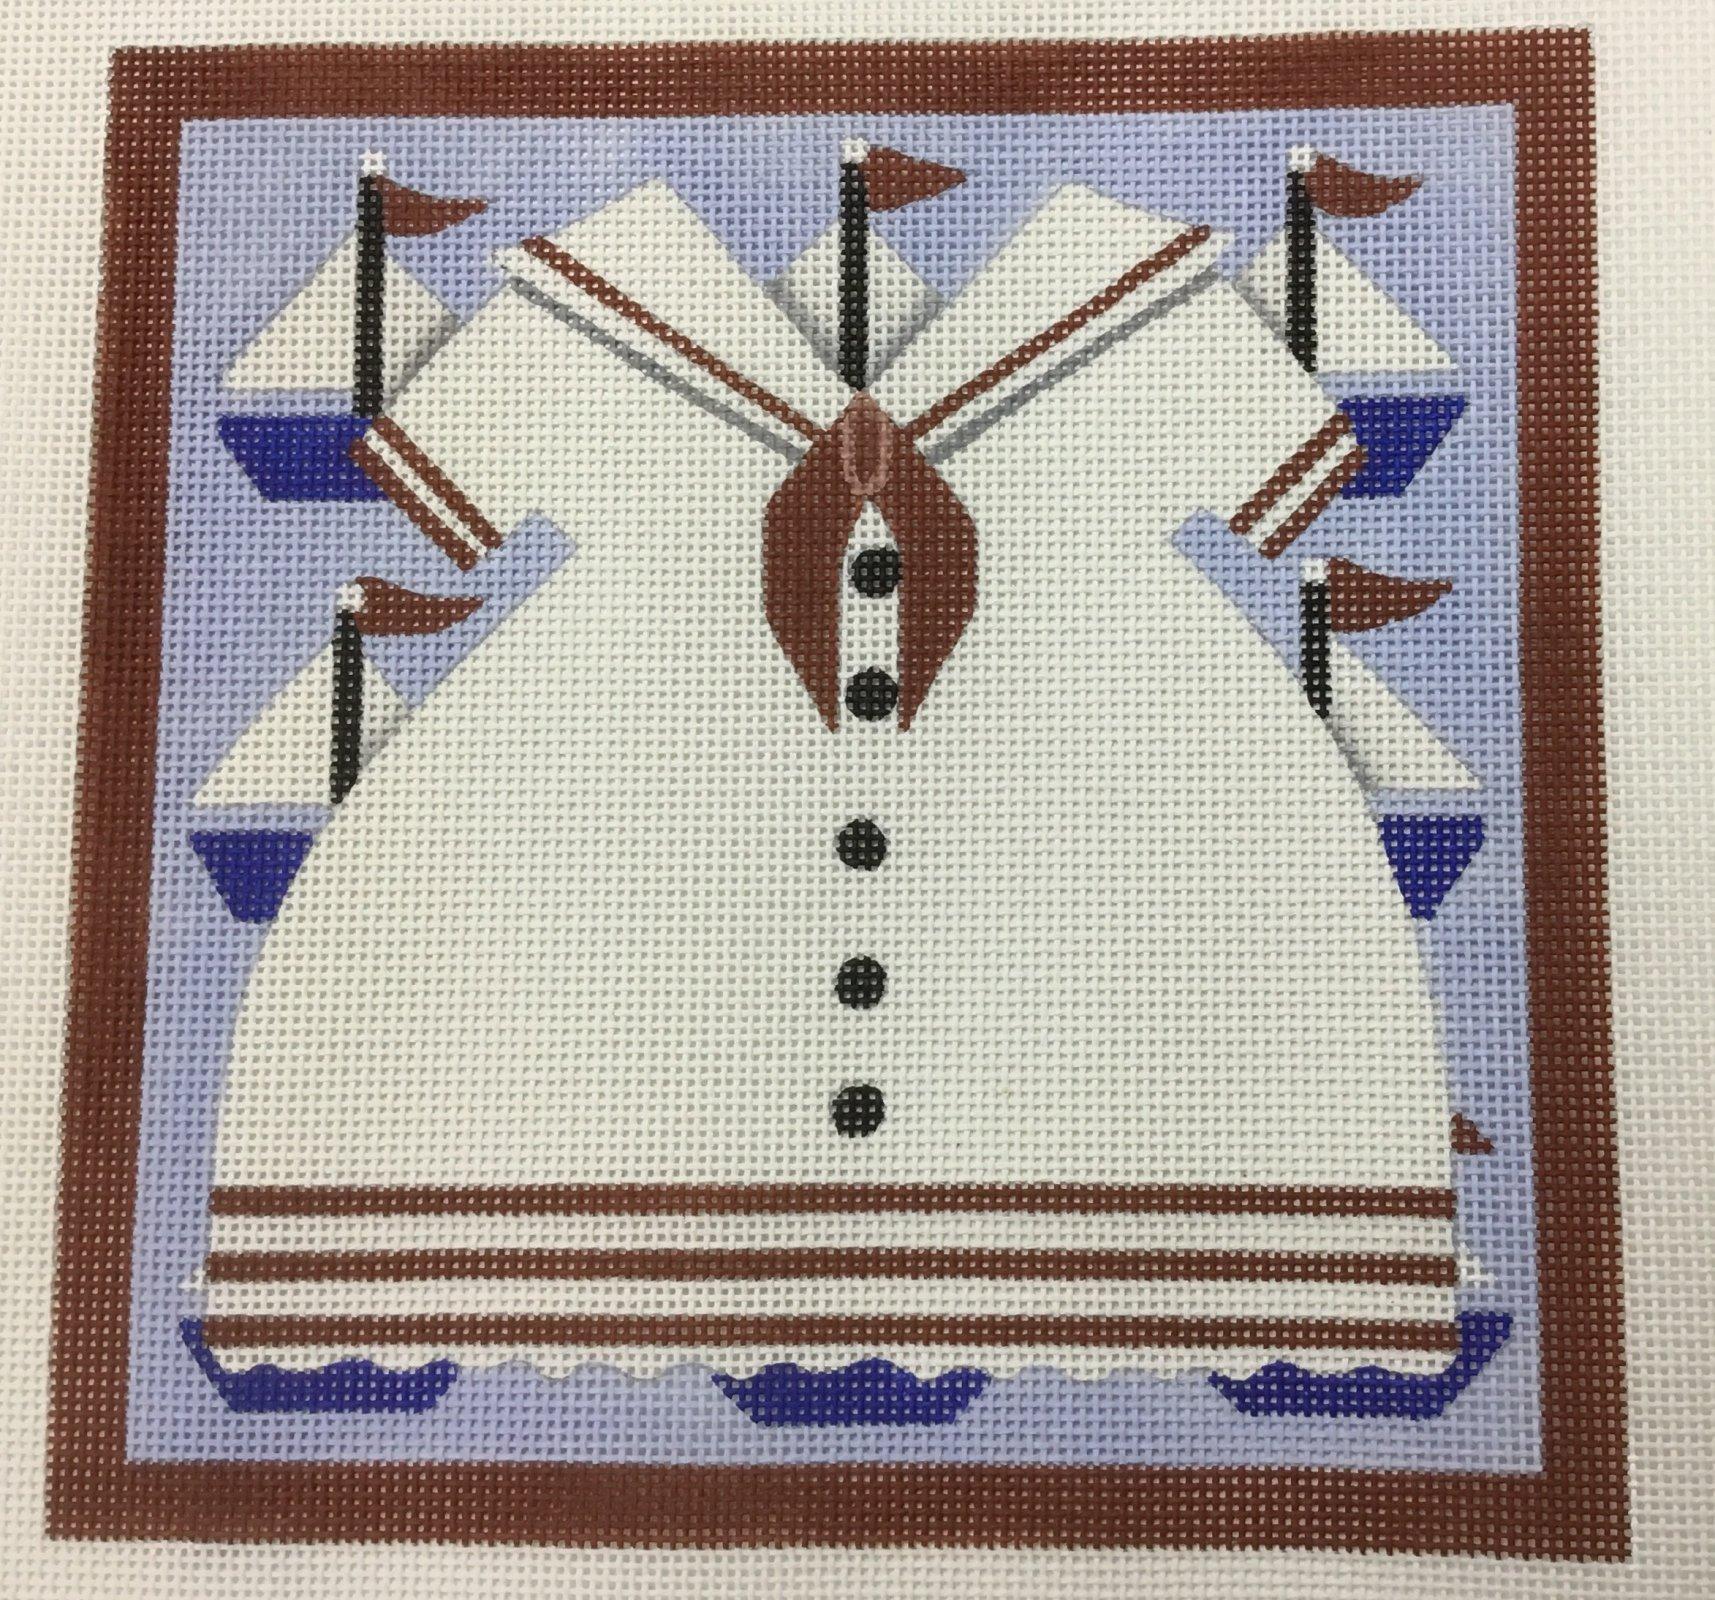 Sailor Dress,13 ct.,9x9